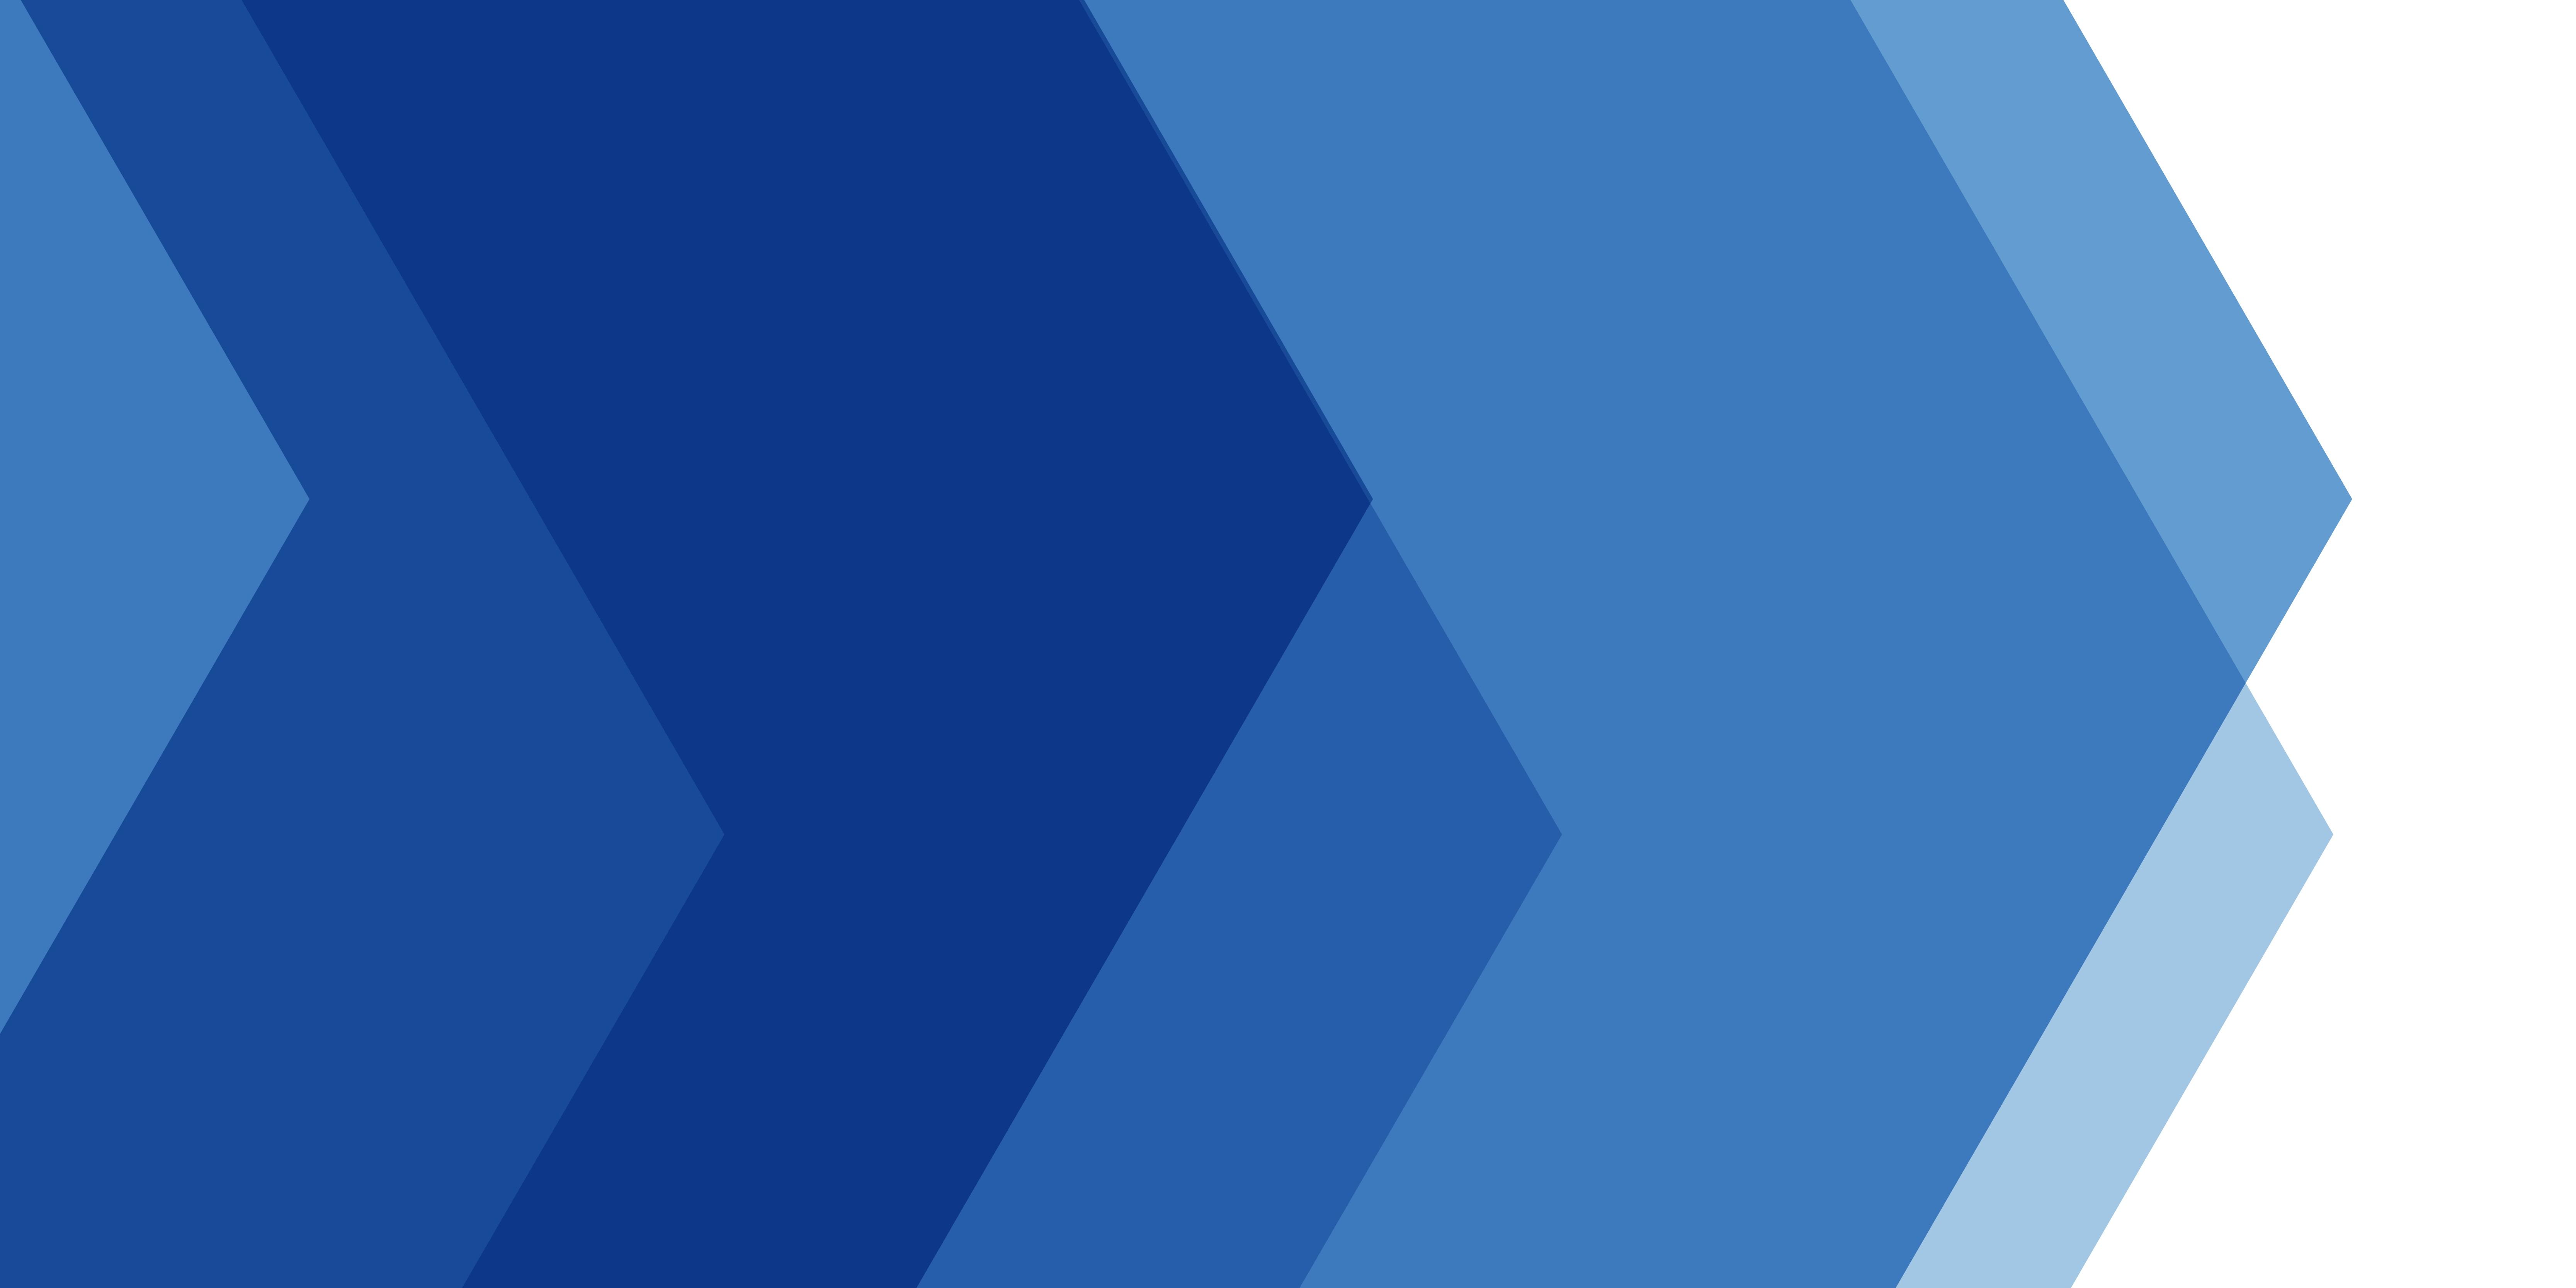 Tufts Medical Center | LinkedIn